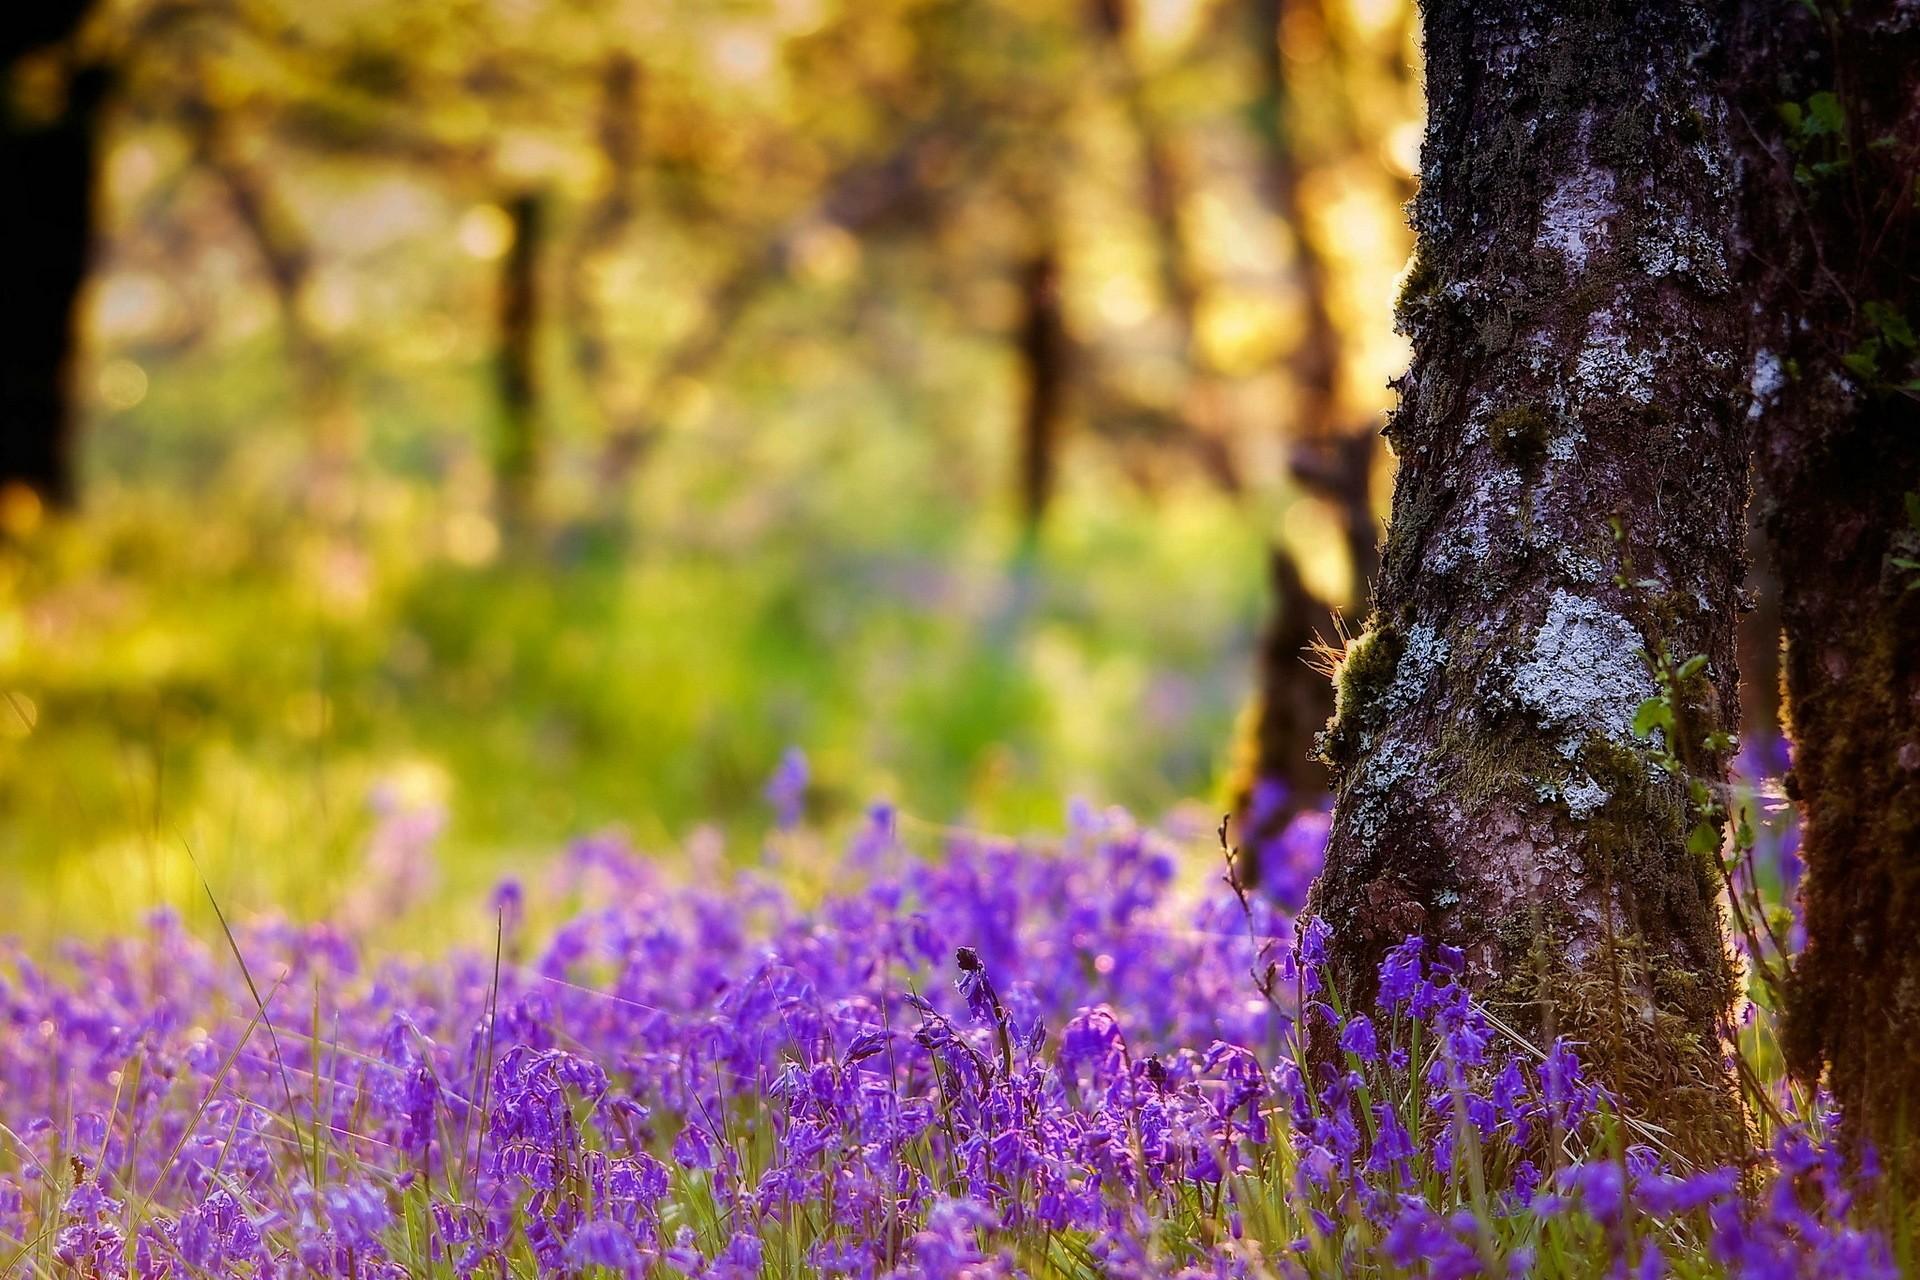 Красивые фото с природой в хорошем качестве   подборка (101)